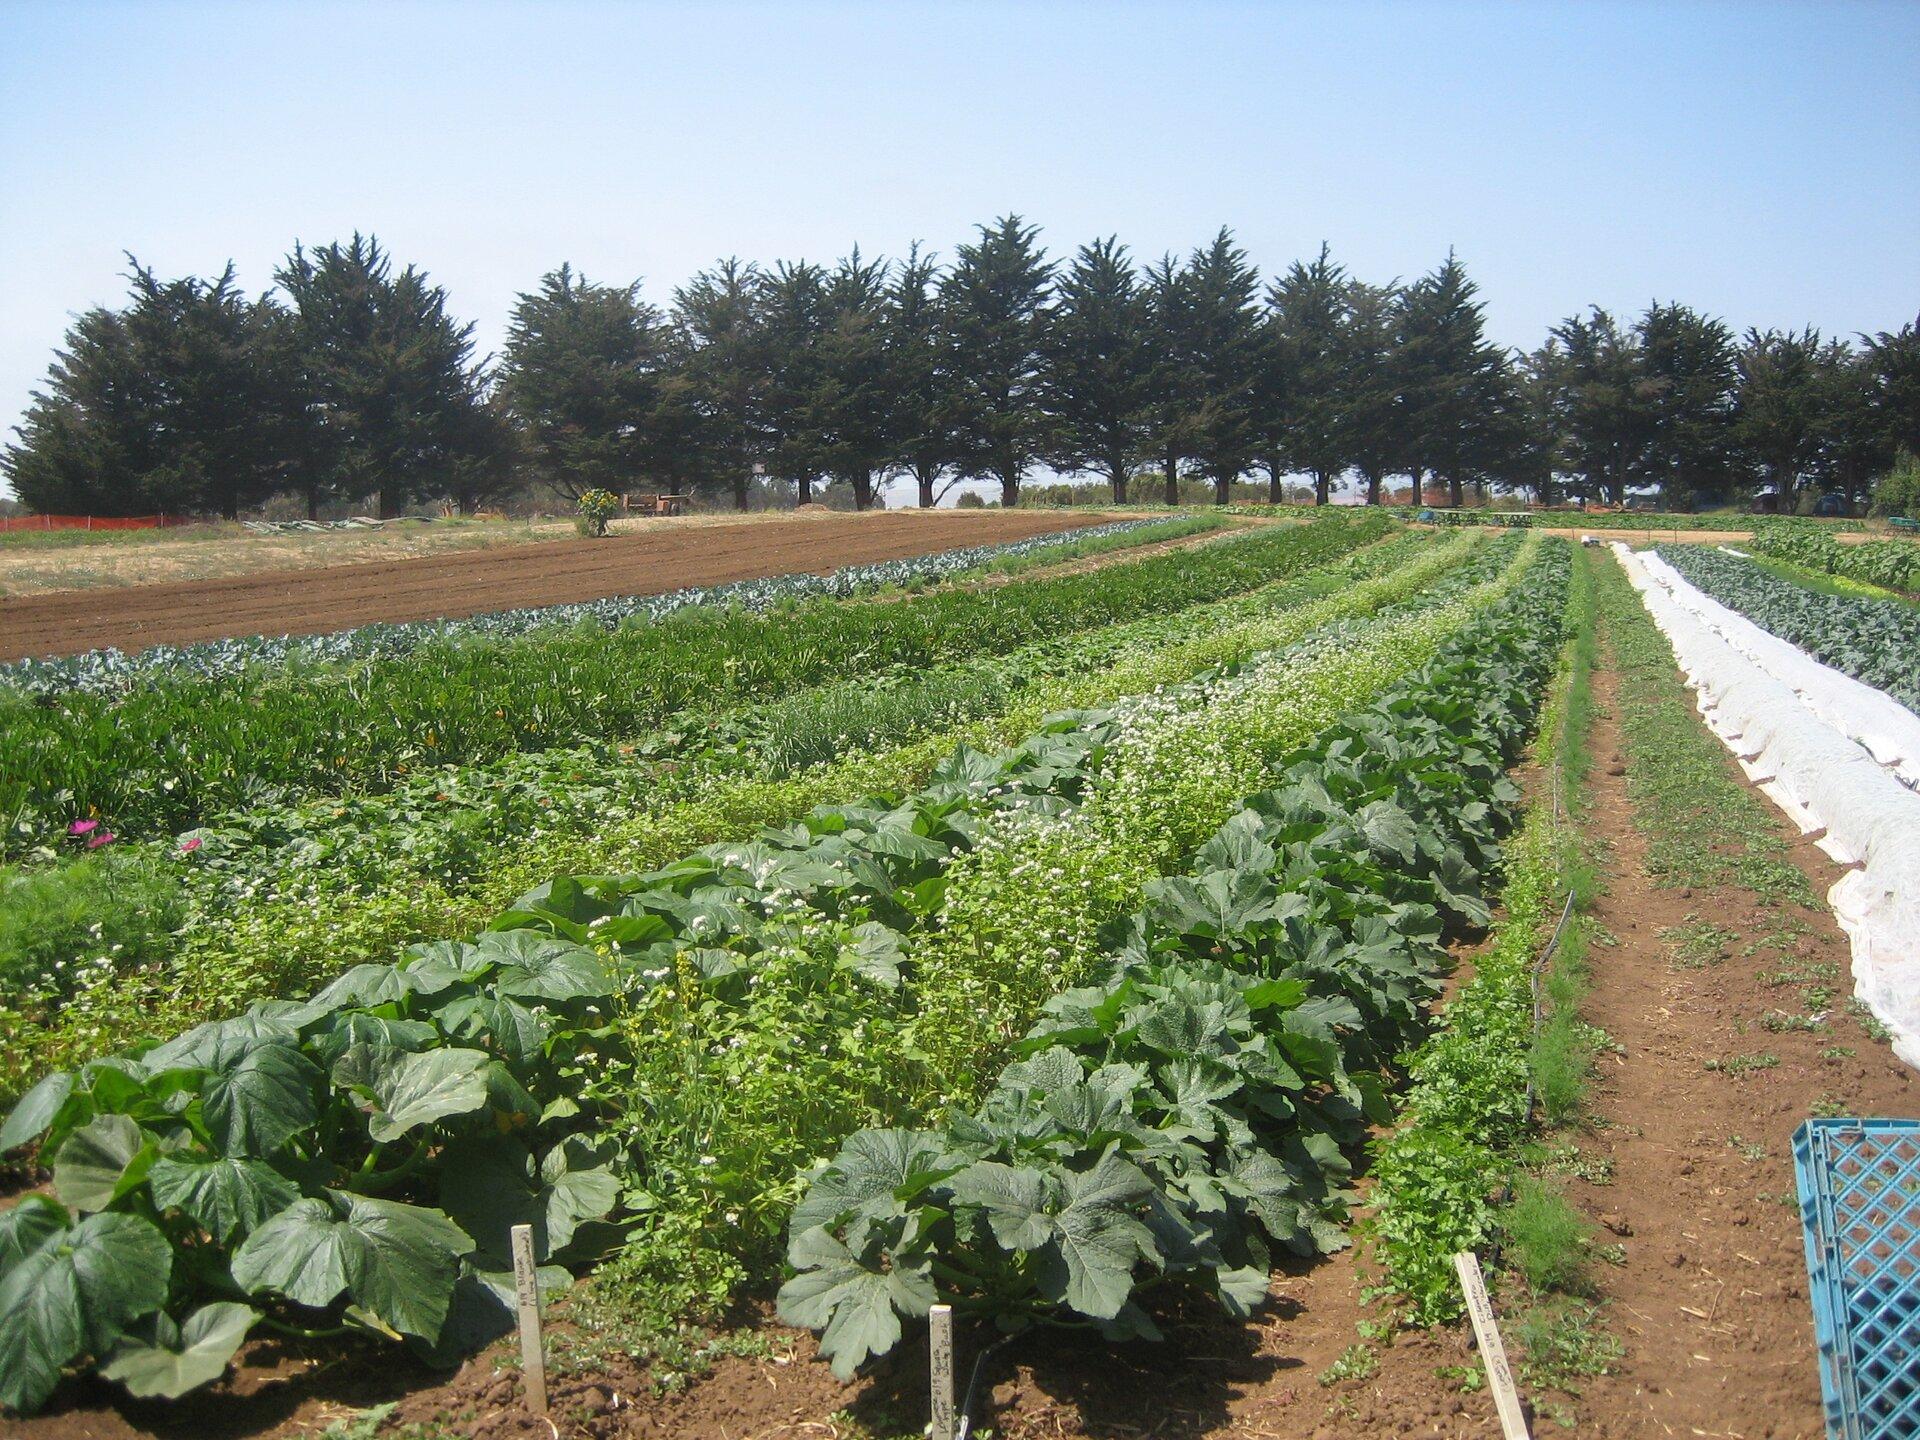 Na zdjęciu równe rzędy grządek na polu uprawnym. Wkażdym rzędzie rośnie inna roślina, są też wróżnym stadium wzrostu. Dwa rzędy przykryte włókniną.